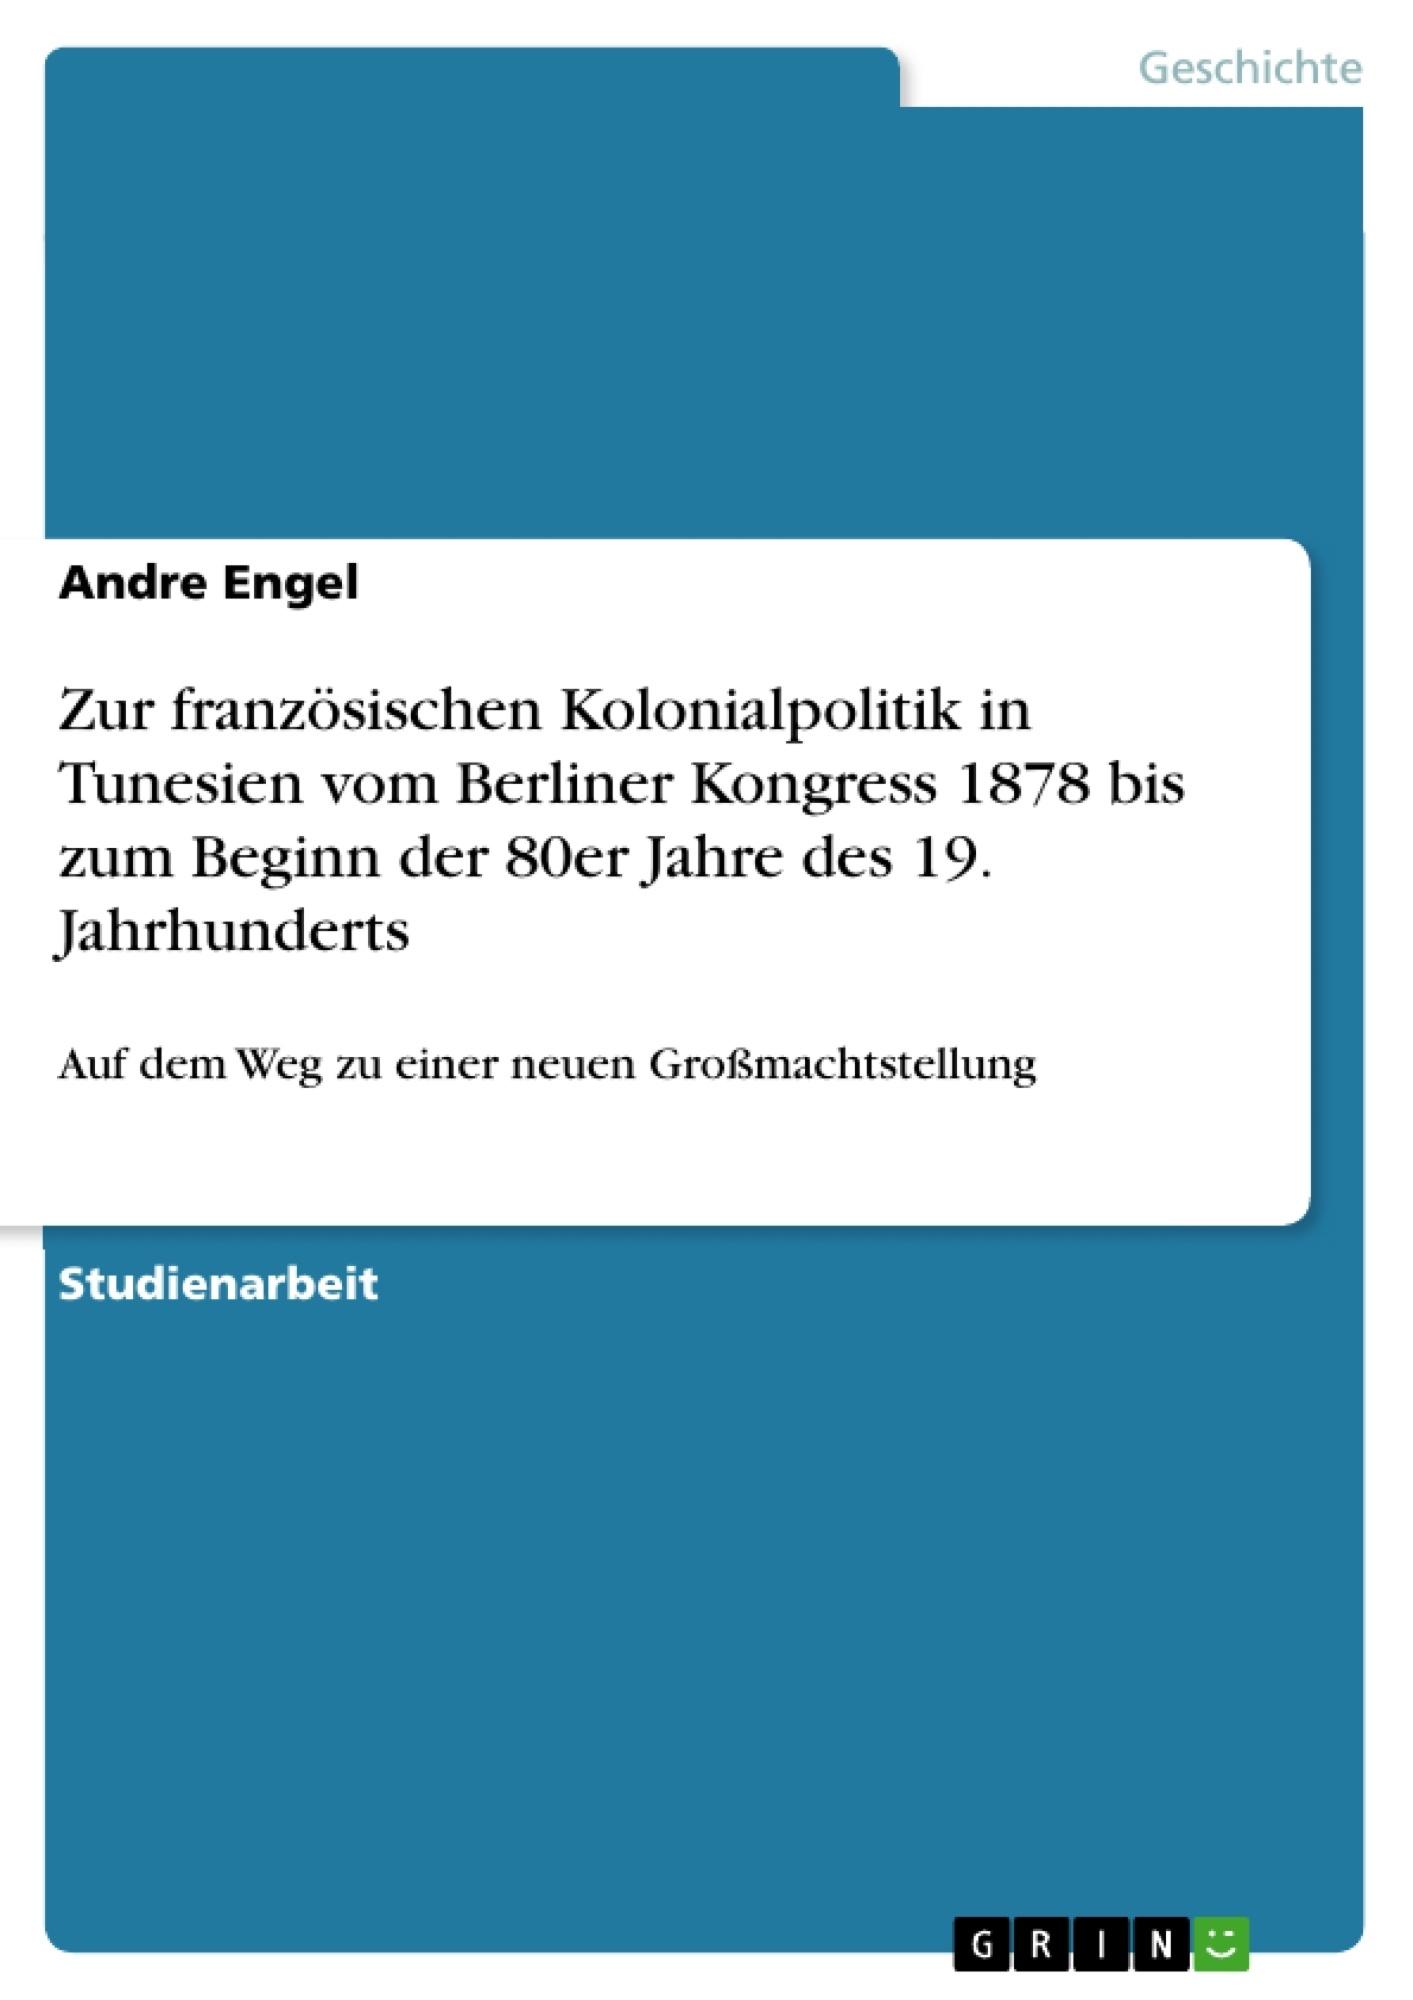 Titel: Zur französischen Kolonialpolitik in Tunesien vom Berliner Kongress 1878 bis zum Beginn der 80er Jahre des 19. Jahrhunderts